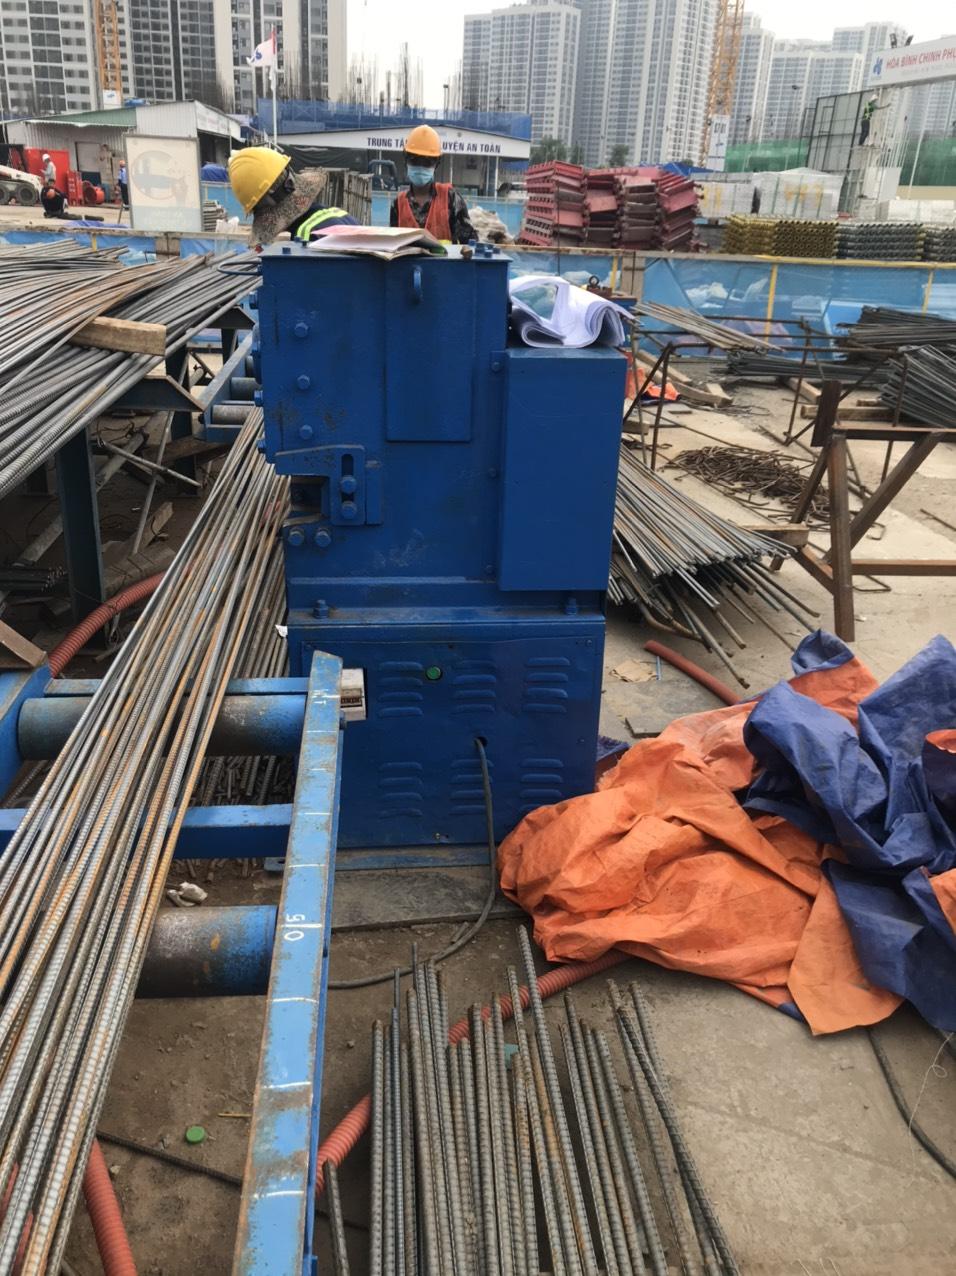 cho thuê máy cắt sắt 32 KUNWOO kmc-42